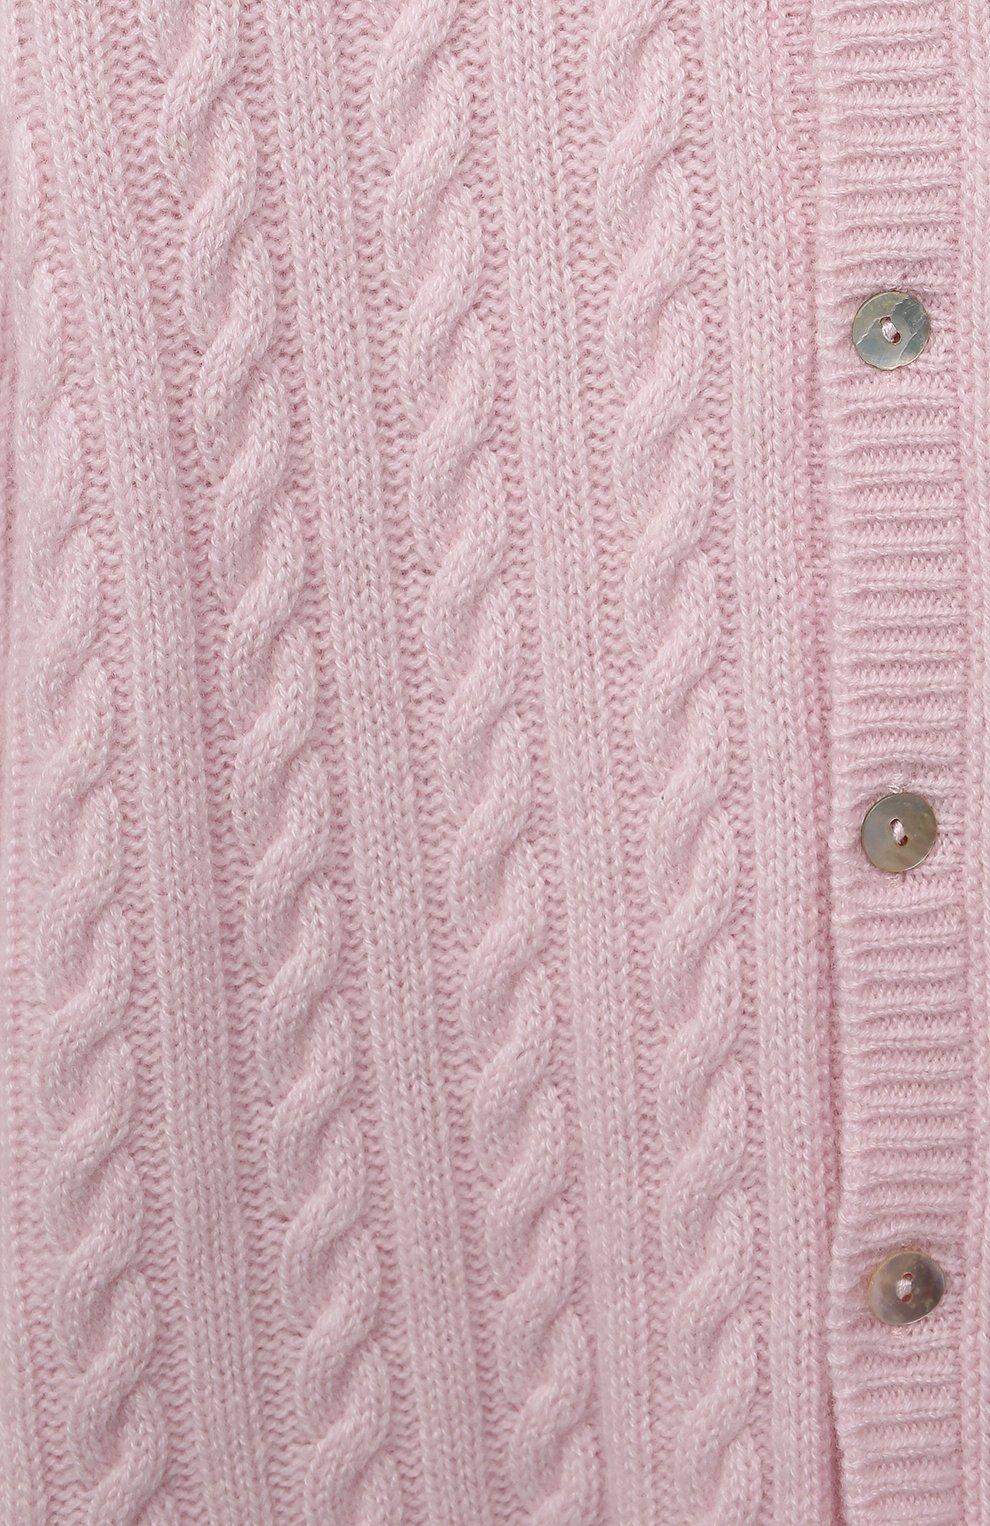 Детский кашемировый комбинезон с капюшоном LA PERLA розового цвета, арт. 59975/18M-24M   Фото 3